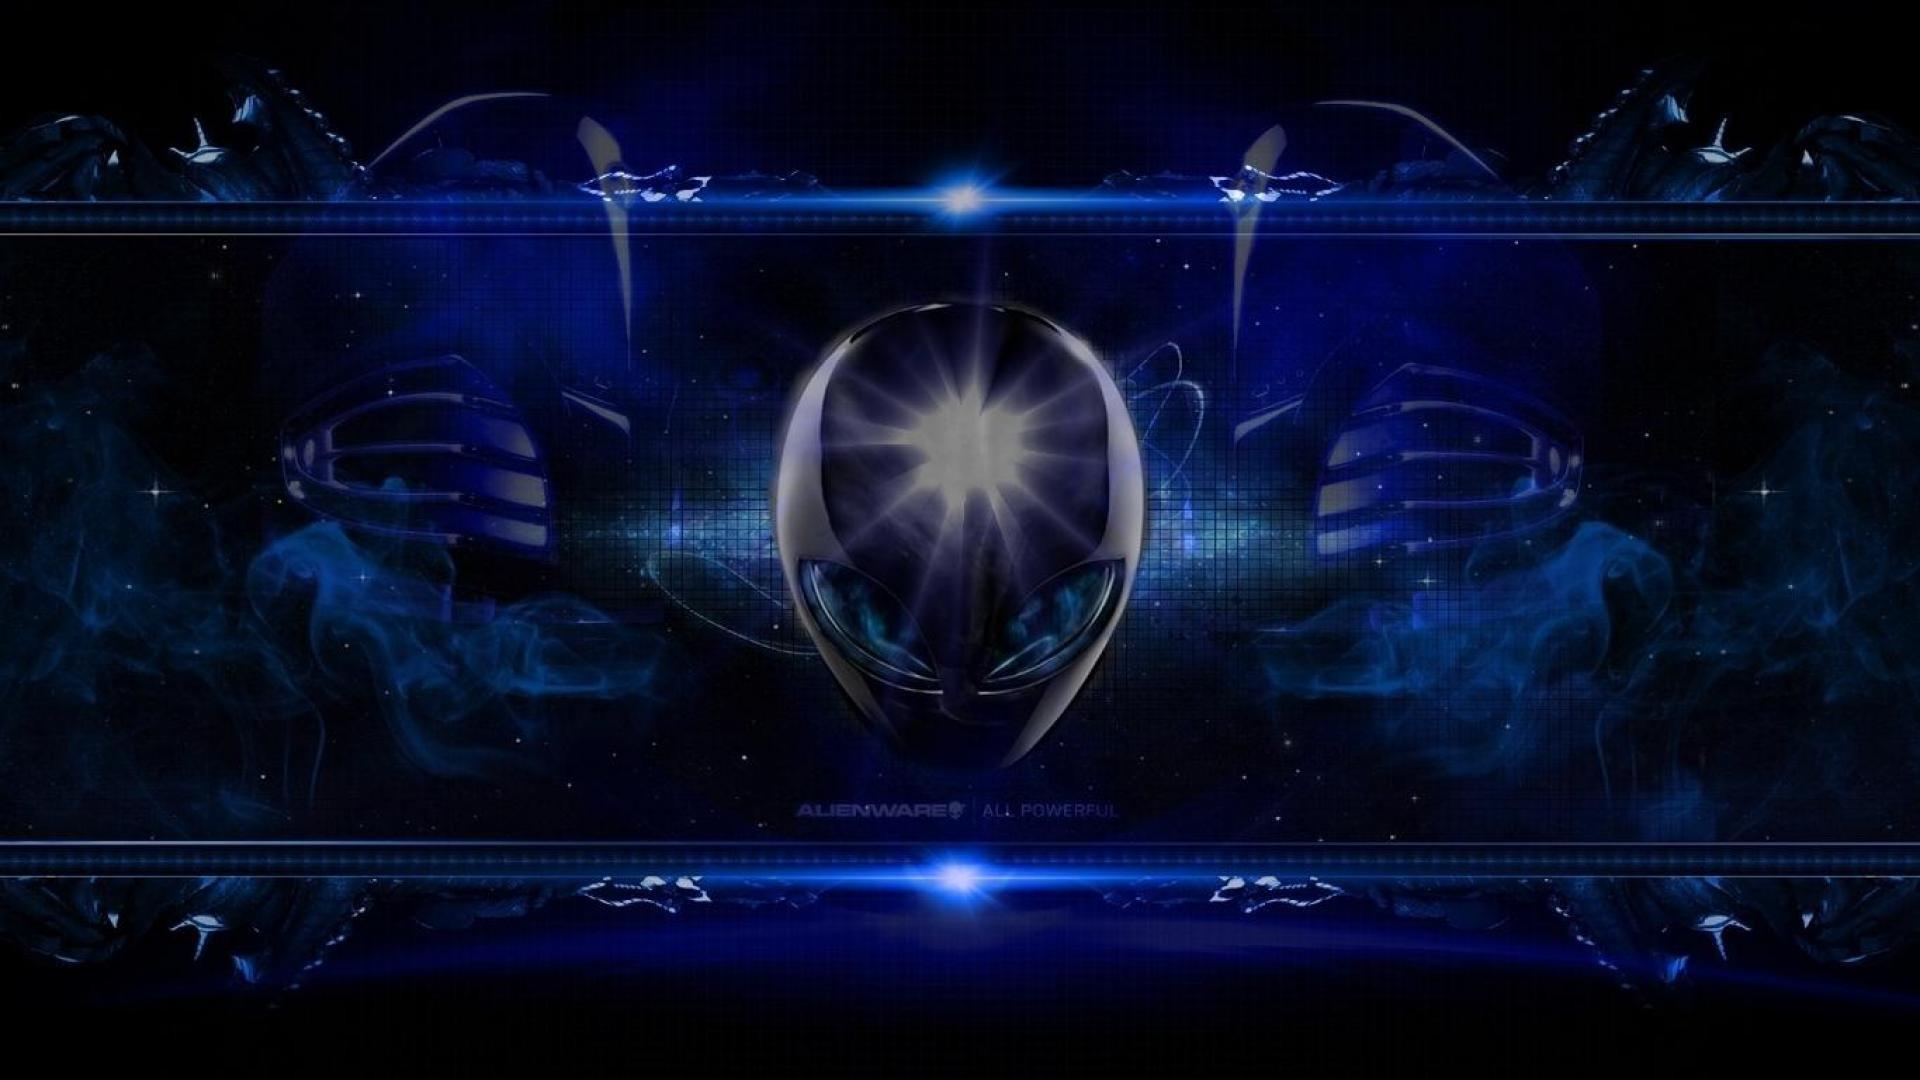 Alienware Wallpaper HD (79+ images)